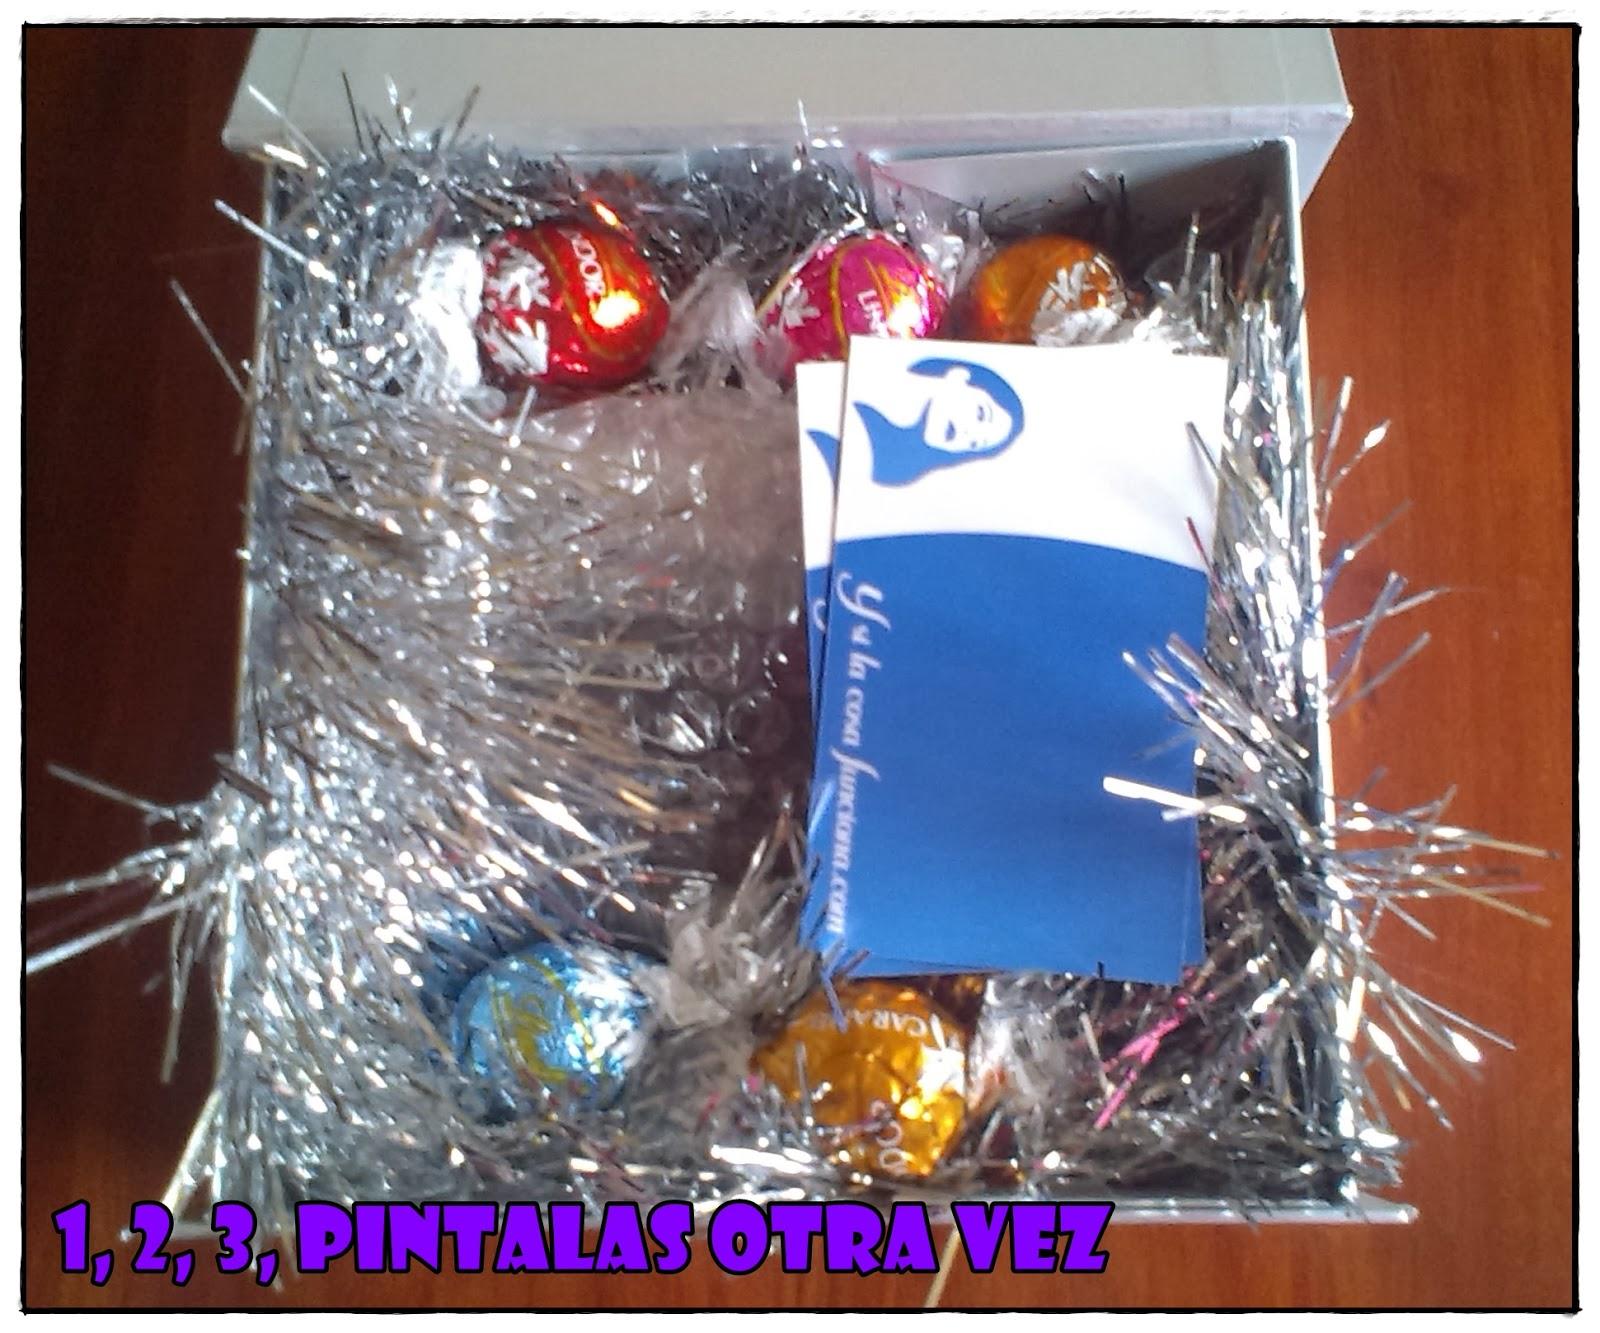 http://quiendijoesmaltes.blogspot.com.es/2014/01/sorteo-ganado-en-y-si-la-cosa-funciona_19.html